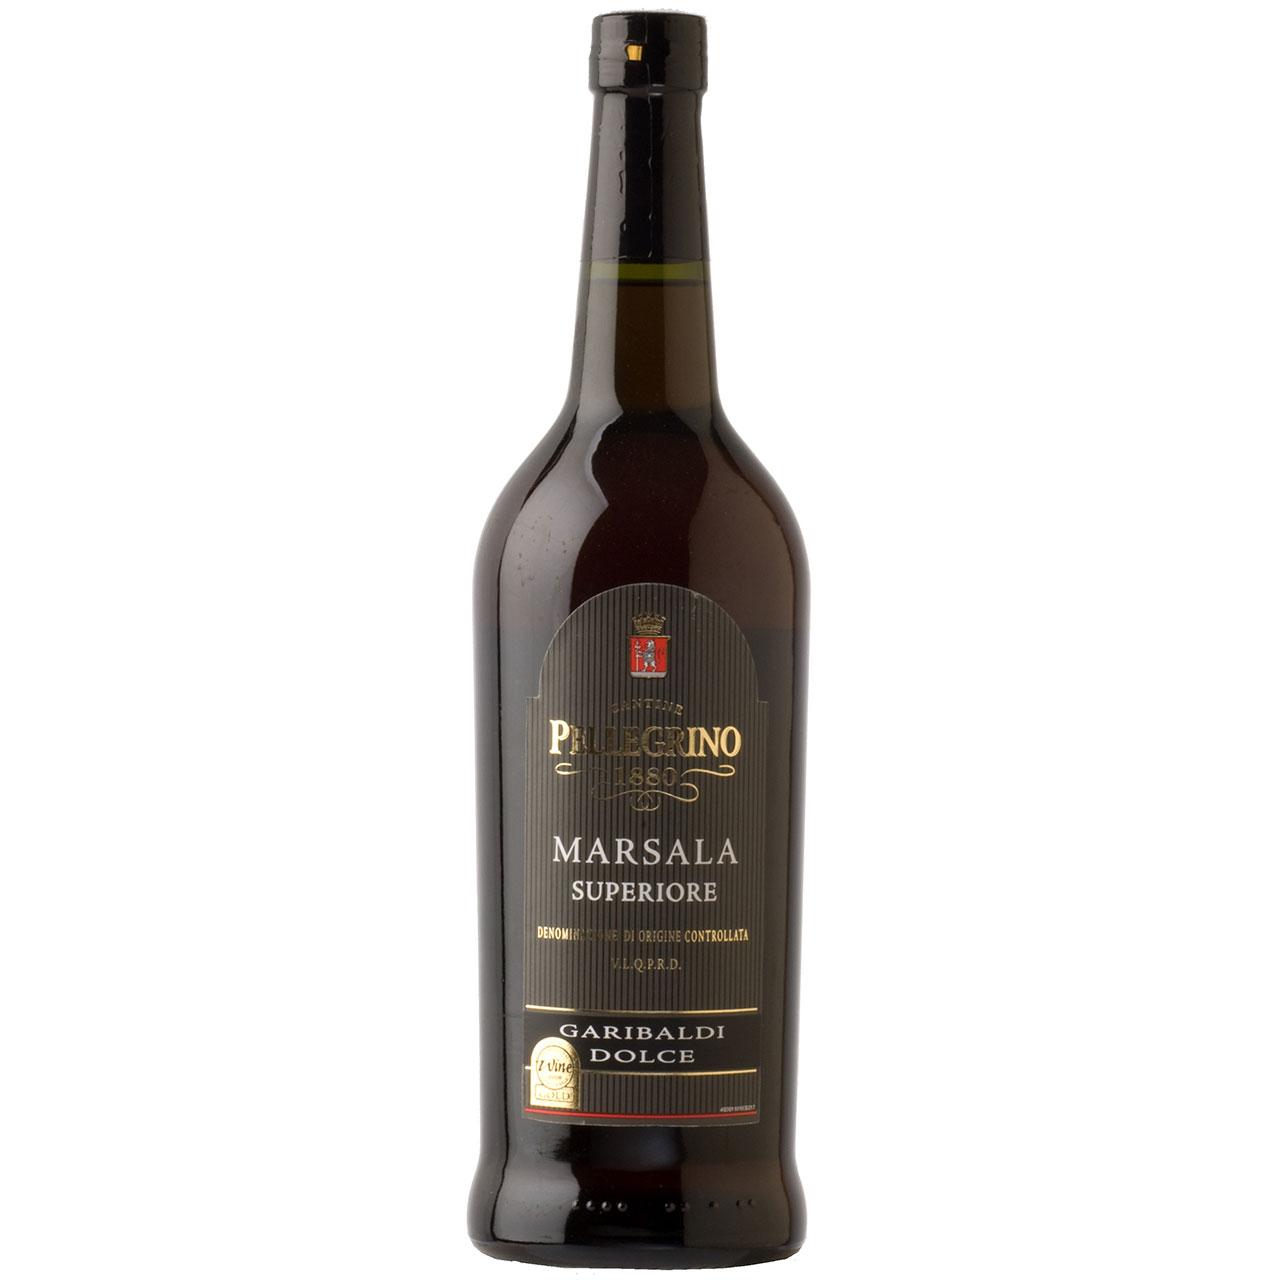 【お年賀 ギフト】マルサラ・スーペリオーレ ガリバルディ・ドルチェ <甘口> イタリア ペッレグリーノ コンビニ受取対応商品 ヴィンテージ管理しておりません、変わる場合があります